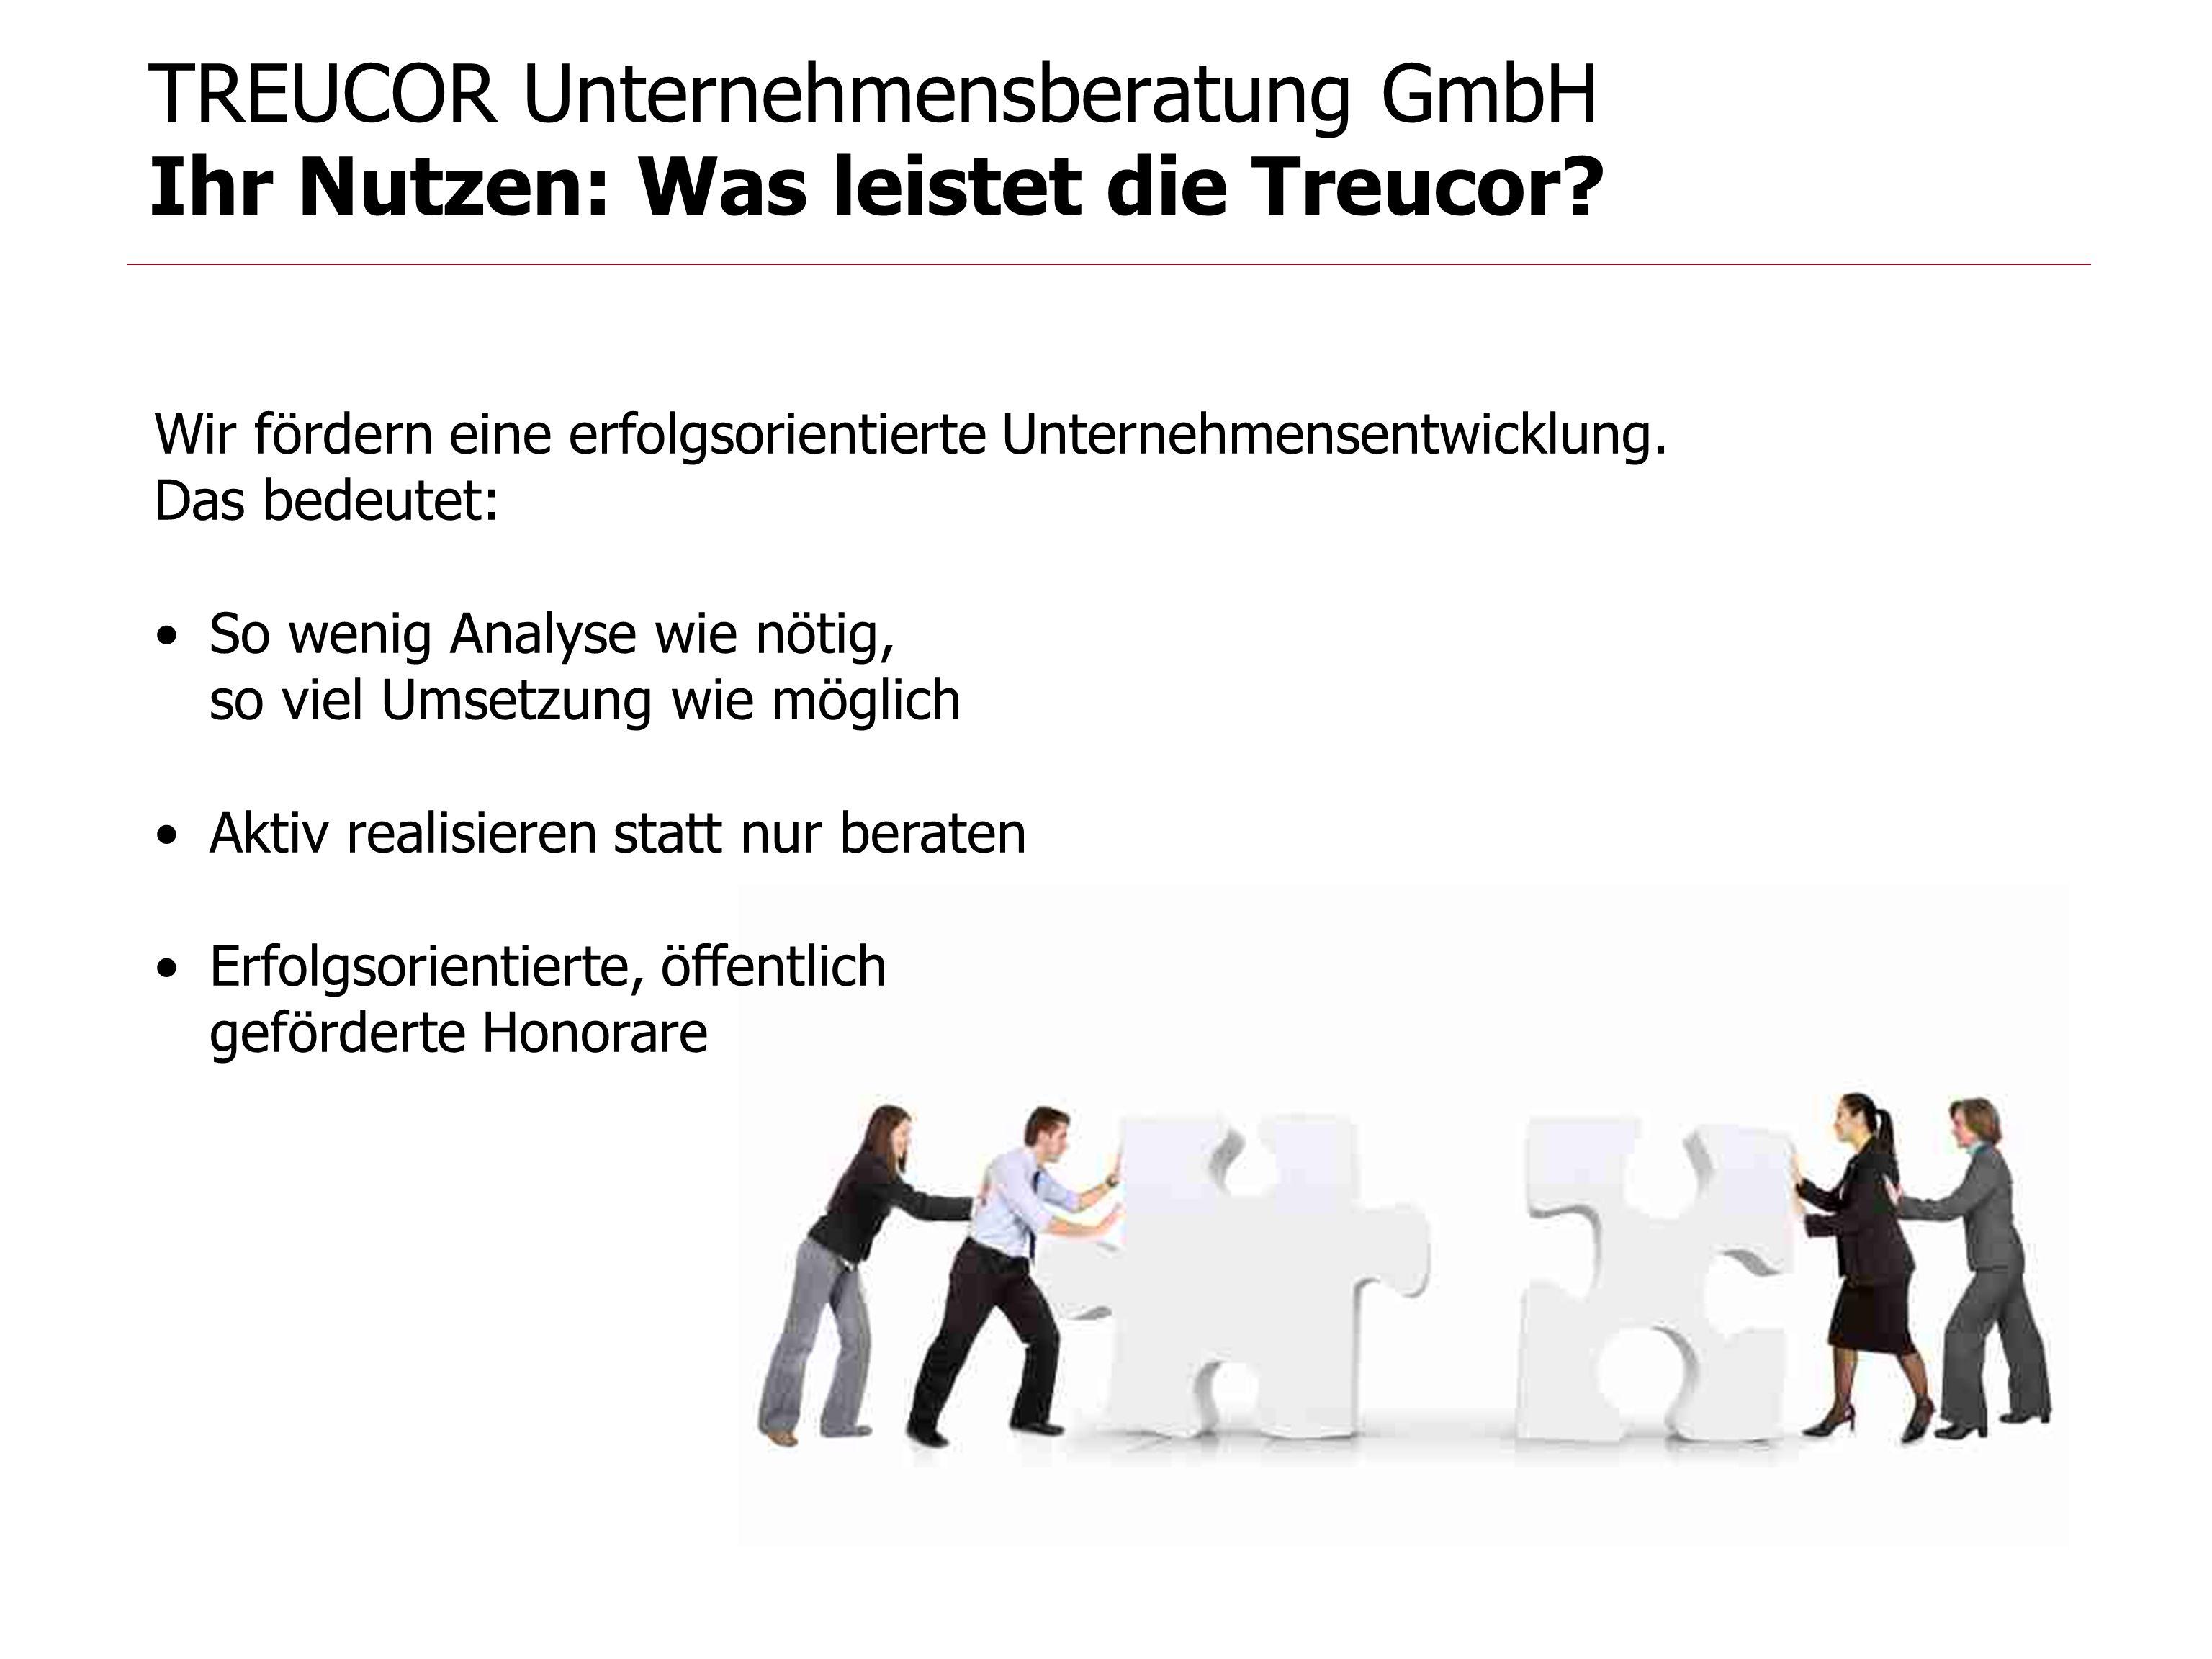 TREUCOR Unternehmensberatung GmbH Ihr Nutzen: Was leistet die Treucor